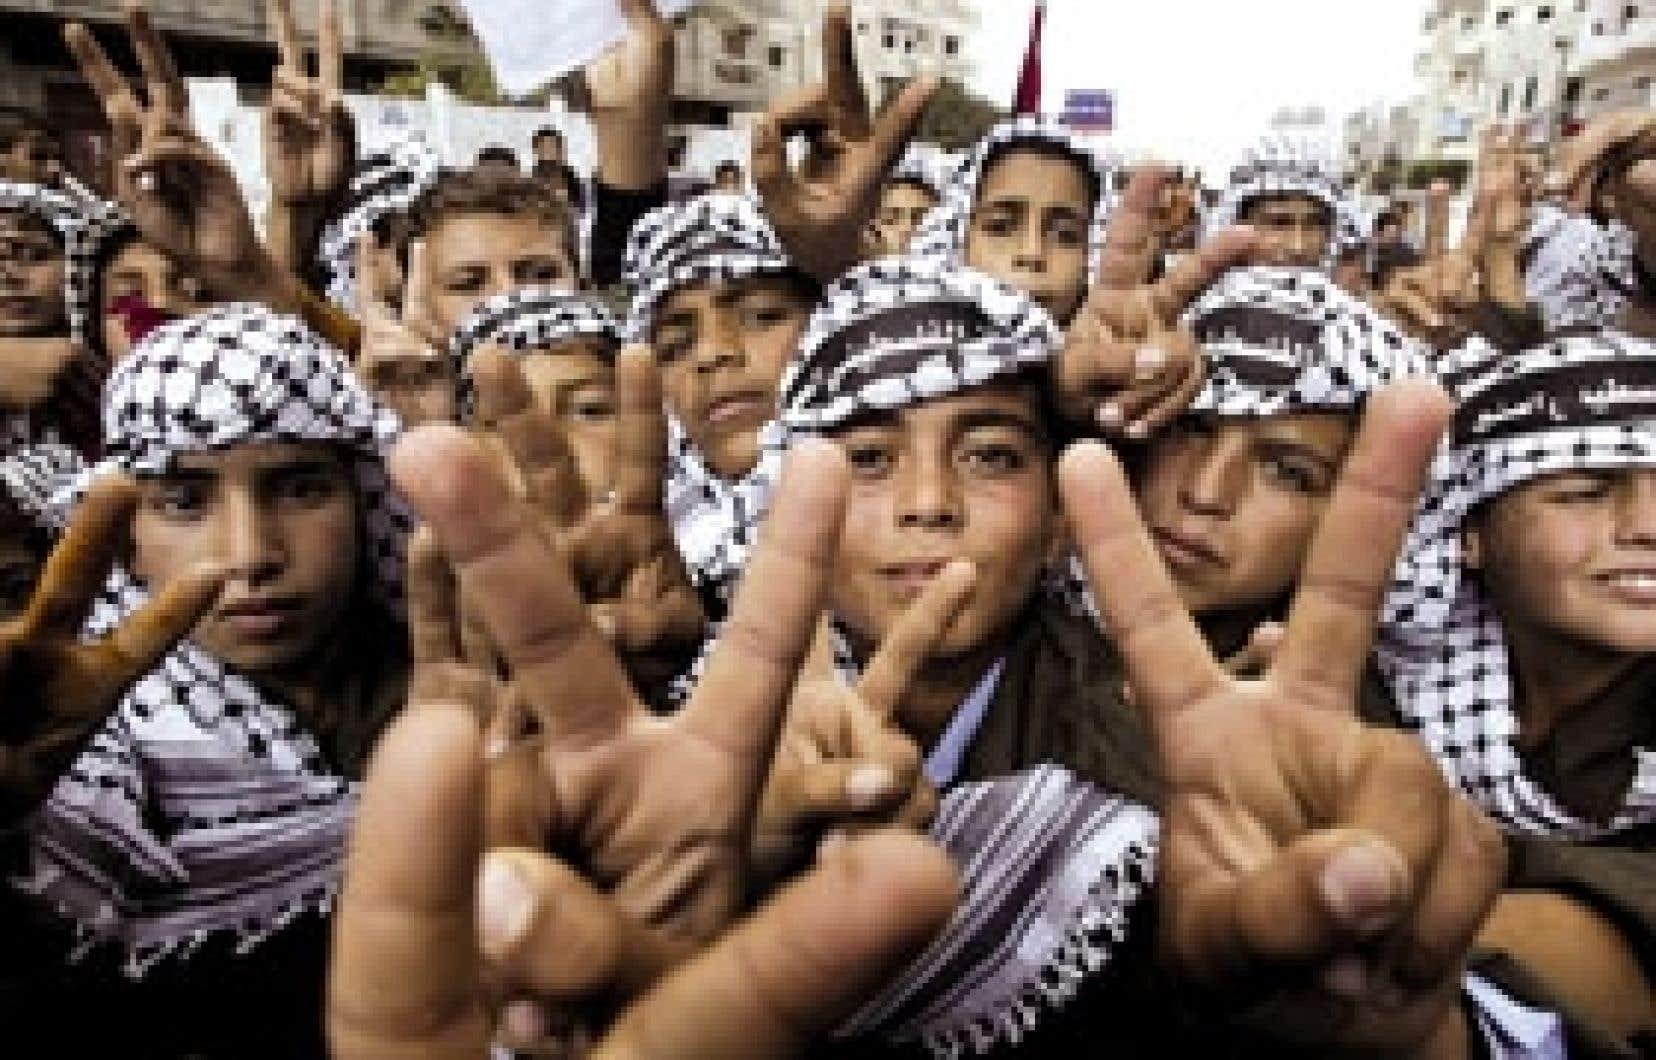 Pendant que les négociations se poursuivaient hier entre le Hamas et le Fatah, plusieurs Palestiniens ont envahi les rues de Gaza à l'occasion des célébrations du deuxième anniversaire de la mort du président Yasser Arafat.